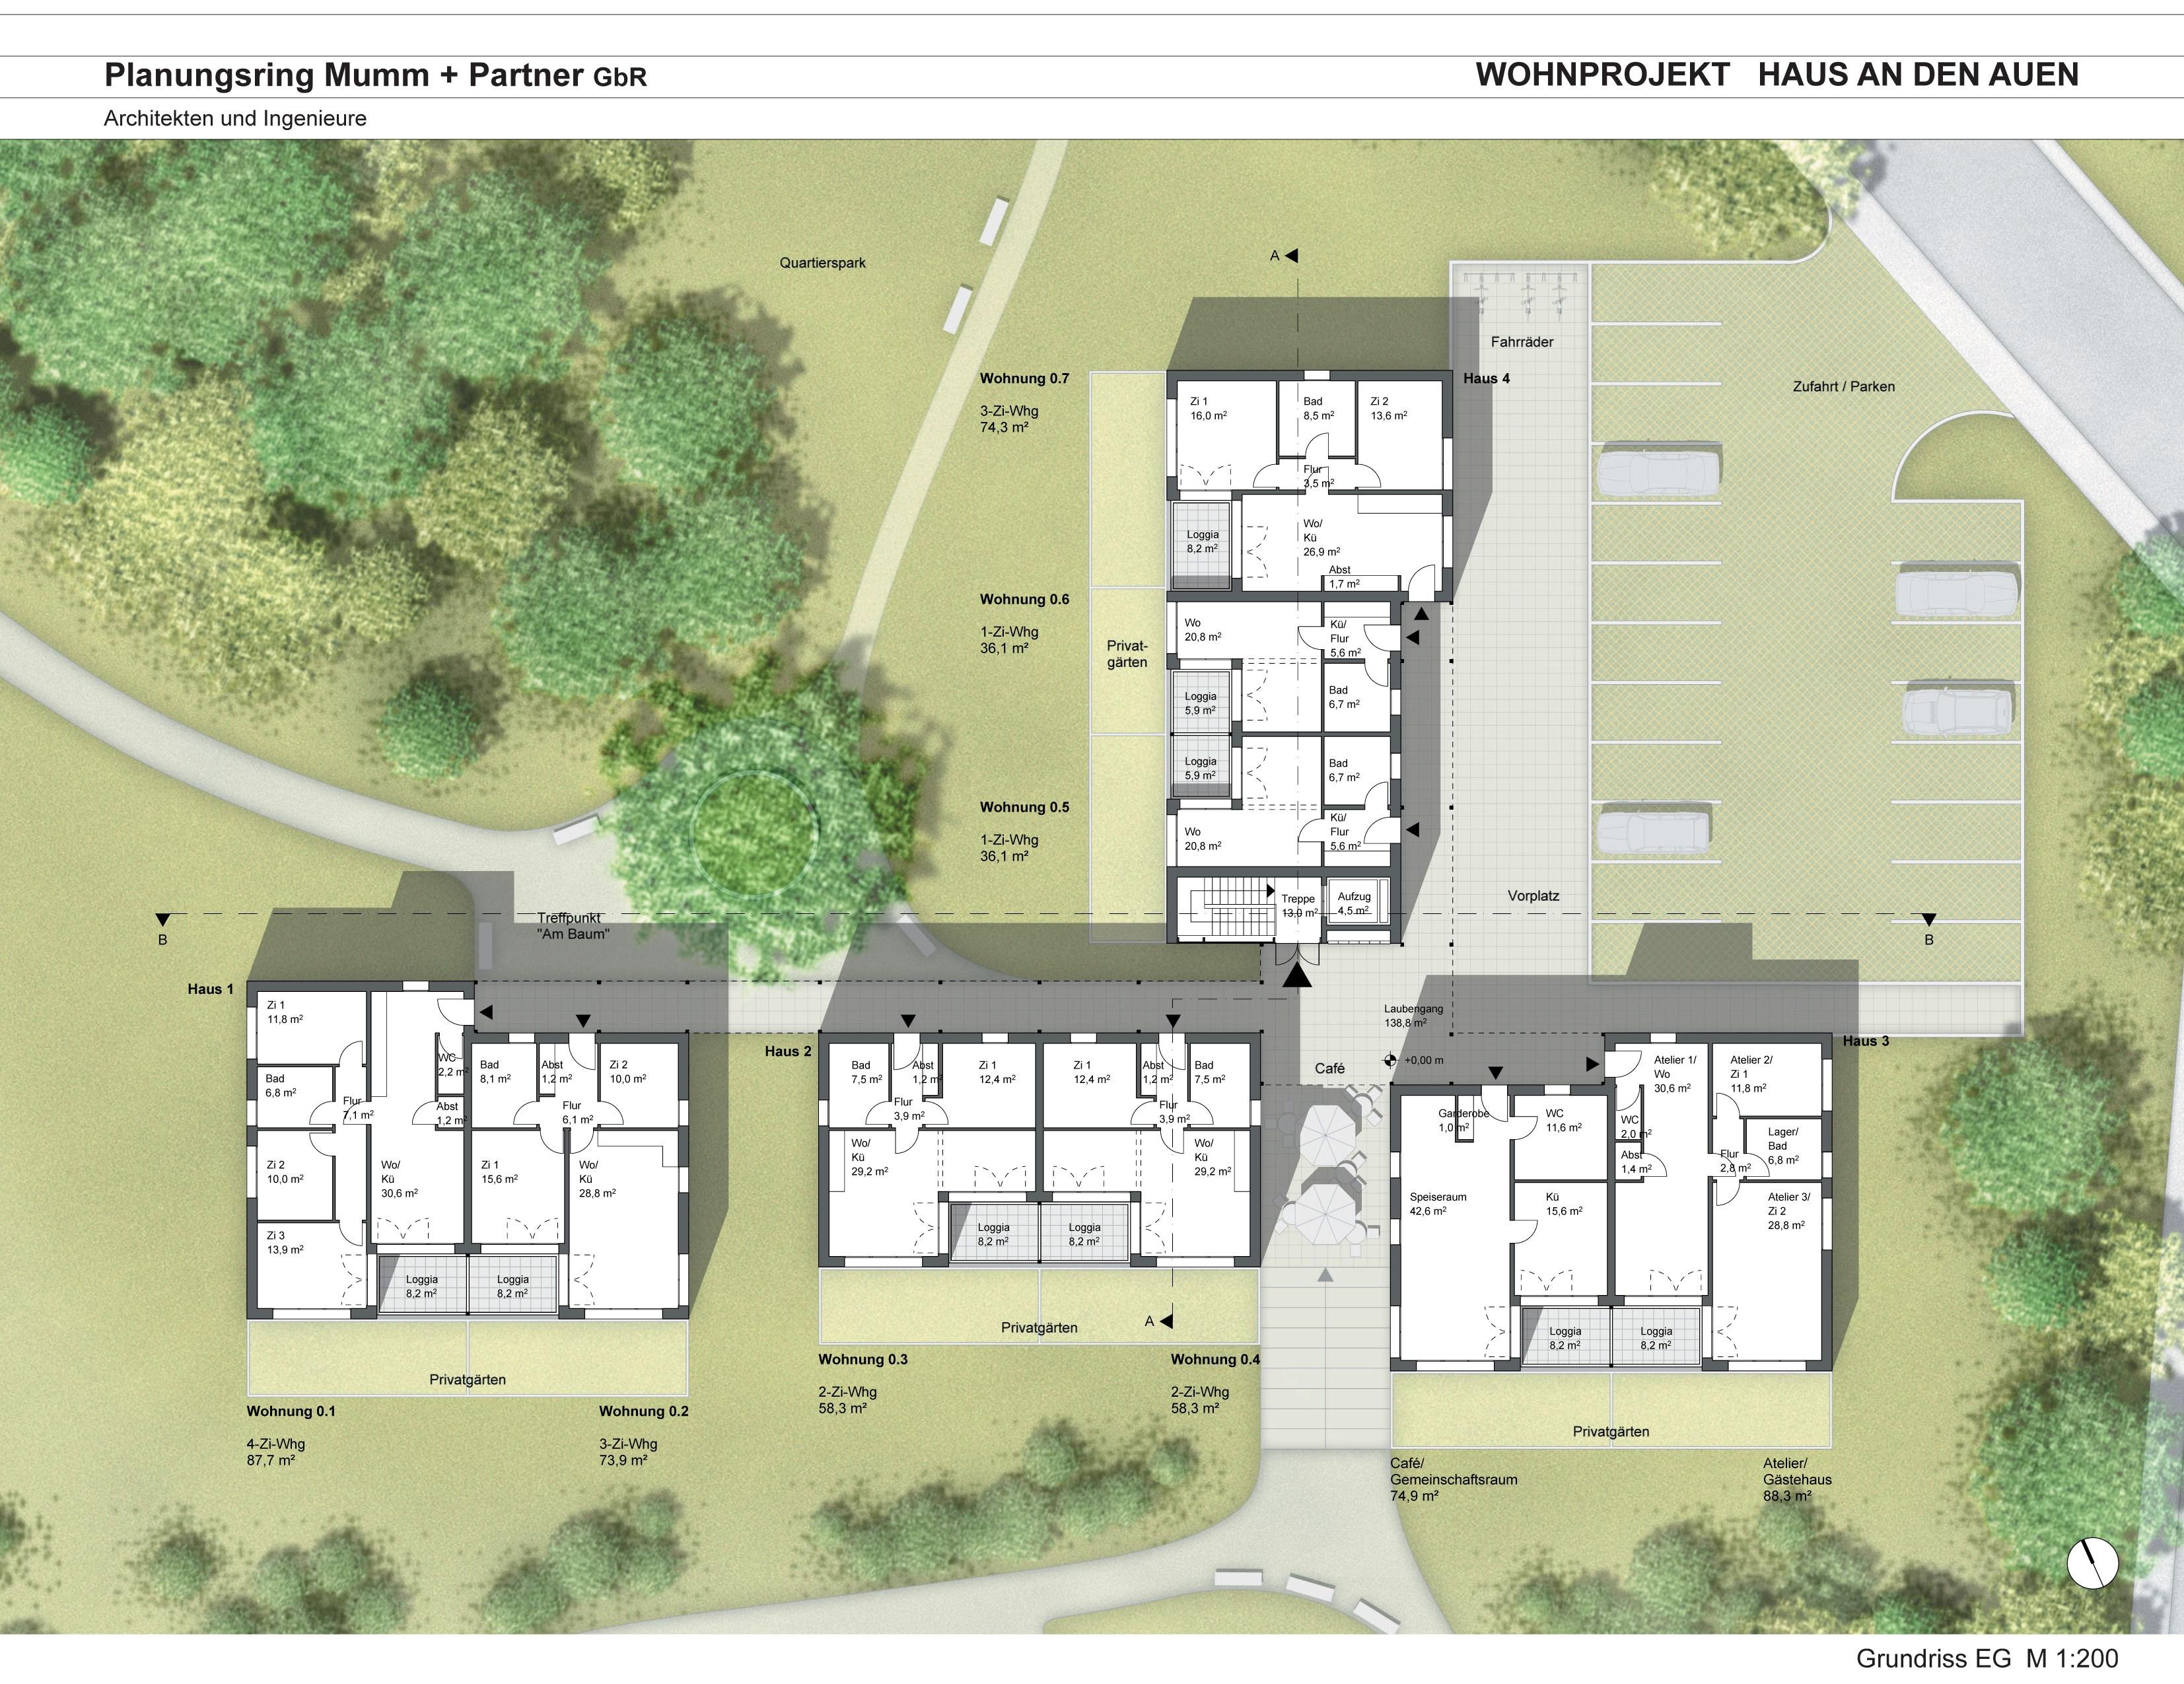 grundrisse wohnprojekt wohnprojekt 39 haus an den auen 39. Black Bedroom Furniture Sets. Home Design Ideas